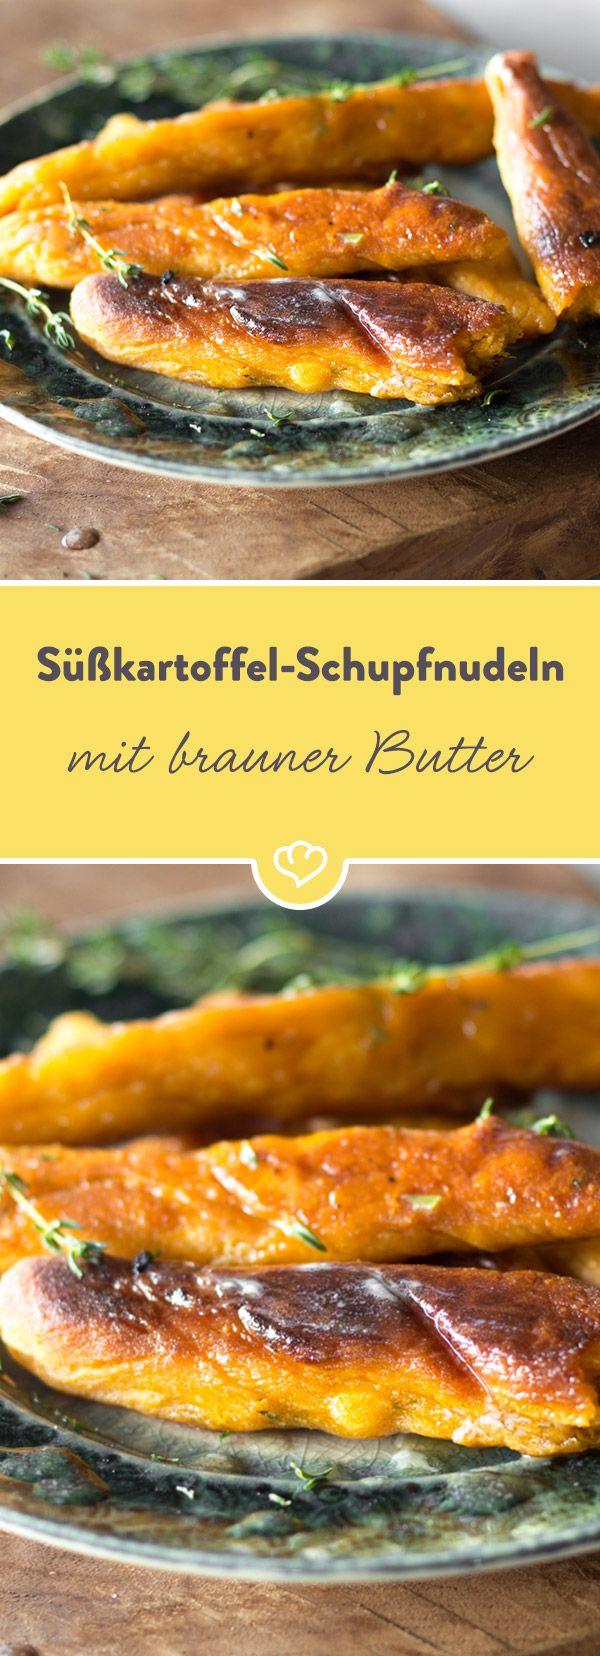 Der Teig aus Süßkartoffeln verleiht den 'deutschen Gnocchi' einen exotischen Touch. Am besten schmecken sie pur: mit etwas Thymian und brauner Butter.